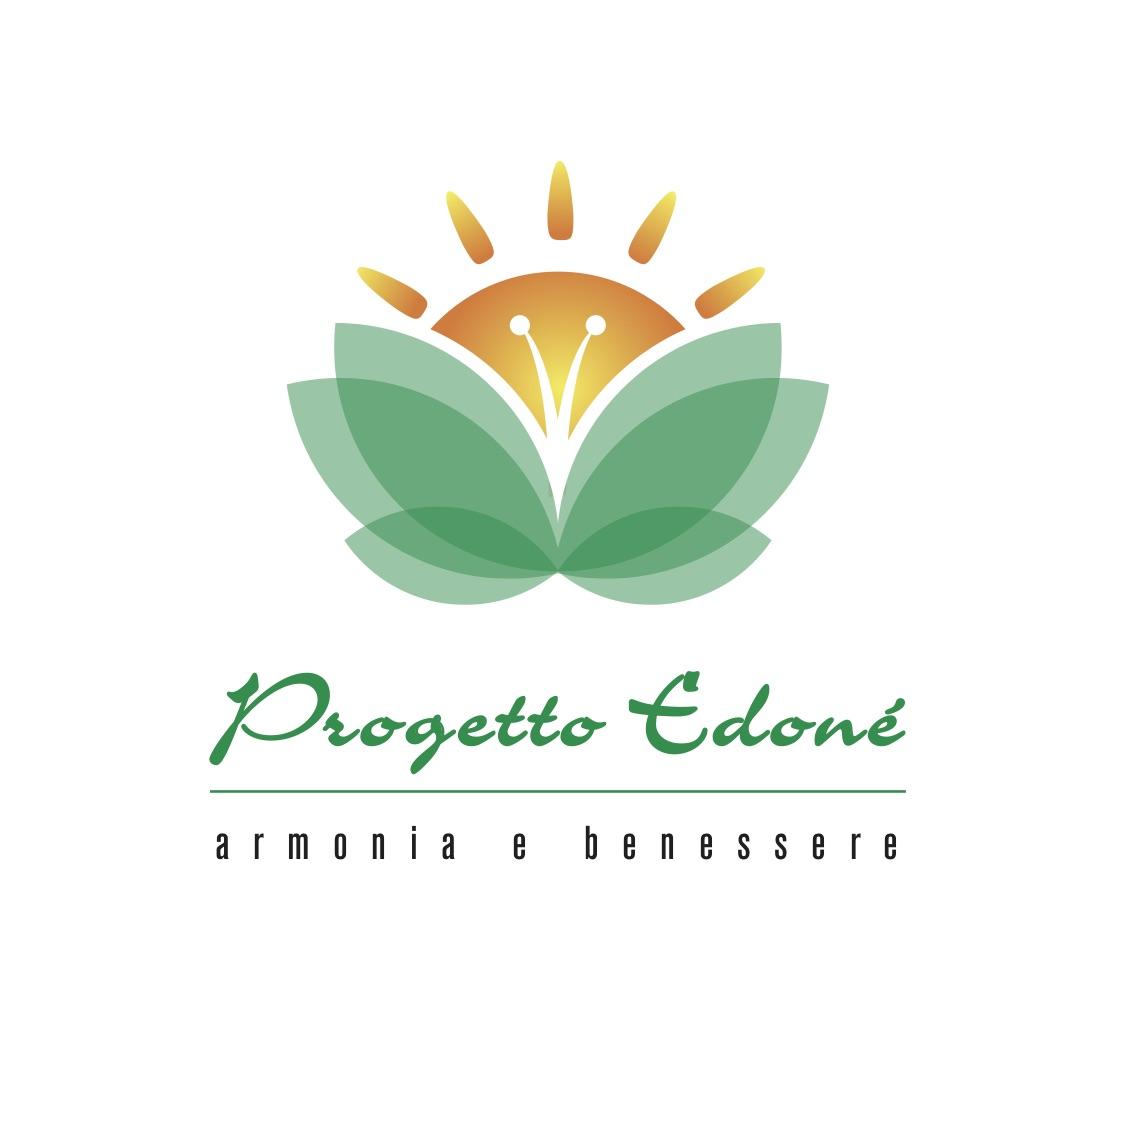 Associazione Progetto Edone Armonia E Benessere Partecipa